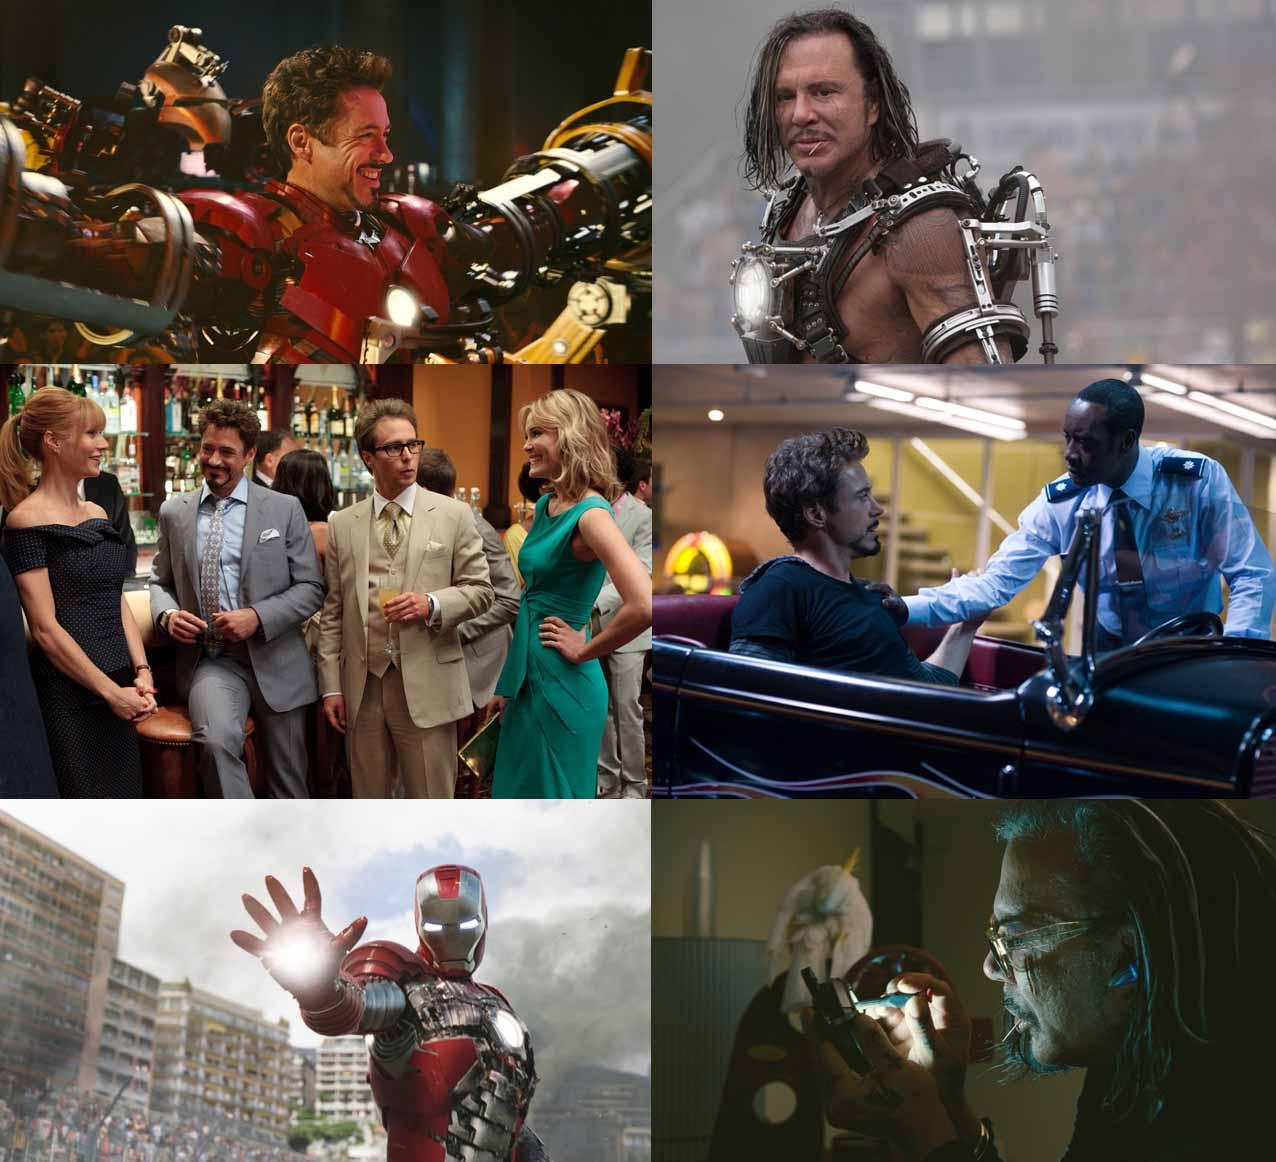 http://4.bp.blogspot.com/_WyGyt2IqcJM/TCifP9dGKGI/AAAAAAAAA7Q/PH4v7EvfWZA/s1600/Iron+Man+2.jpg